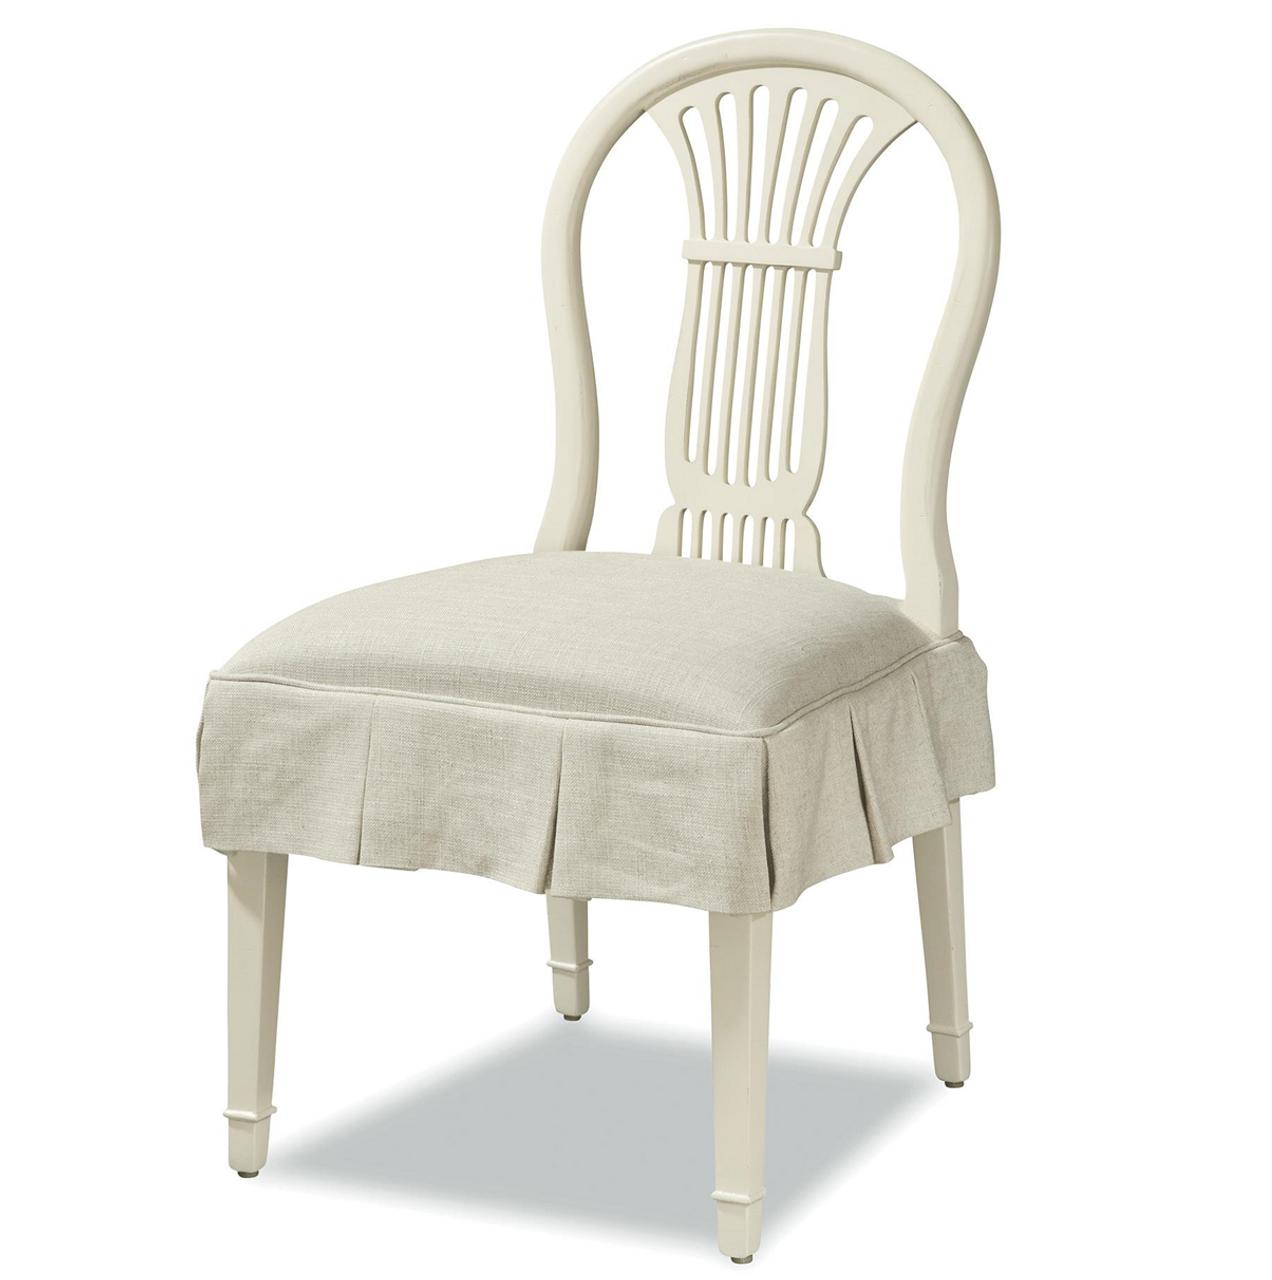 White Kitchen Chairs: Sonoma Vintage White Slipcovered Kitchen Chairs